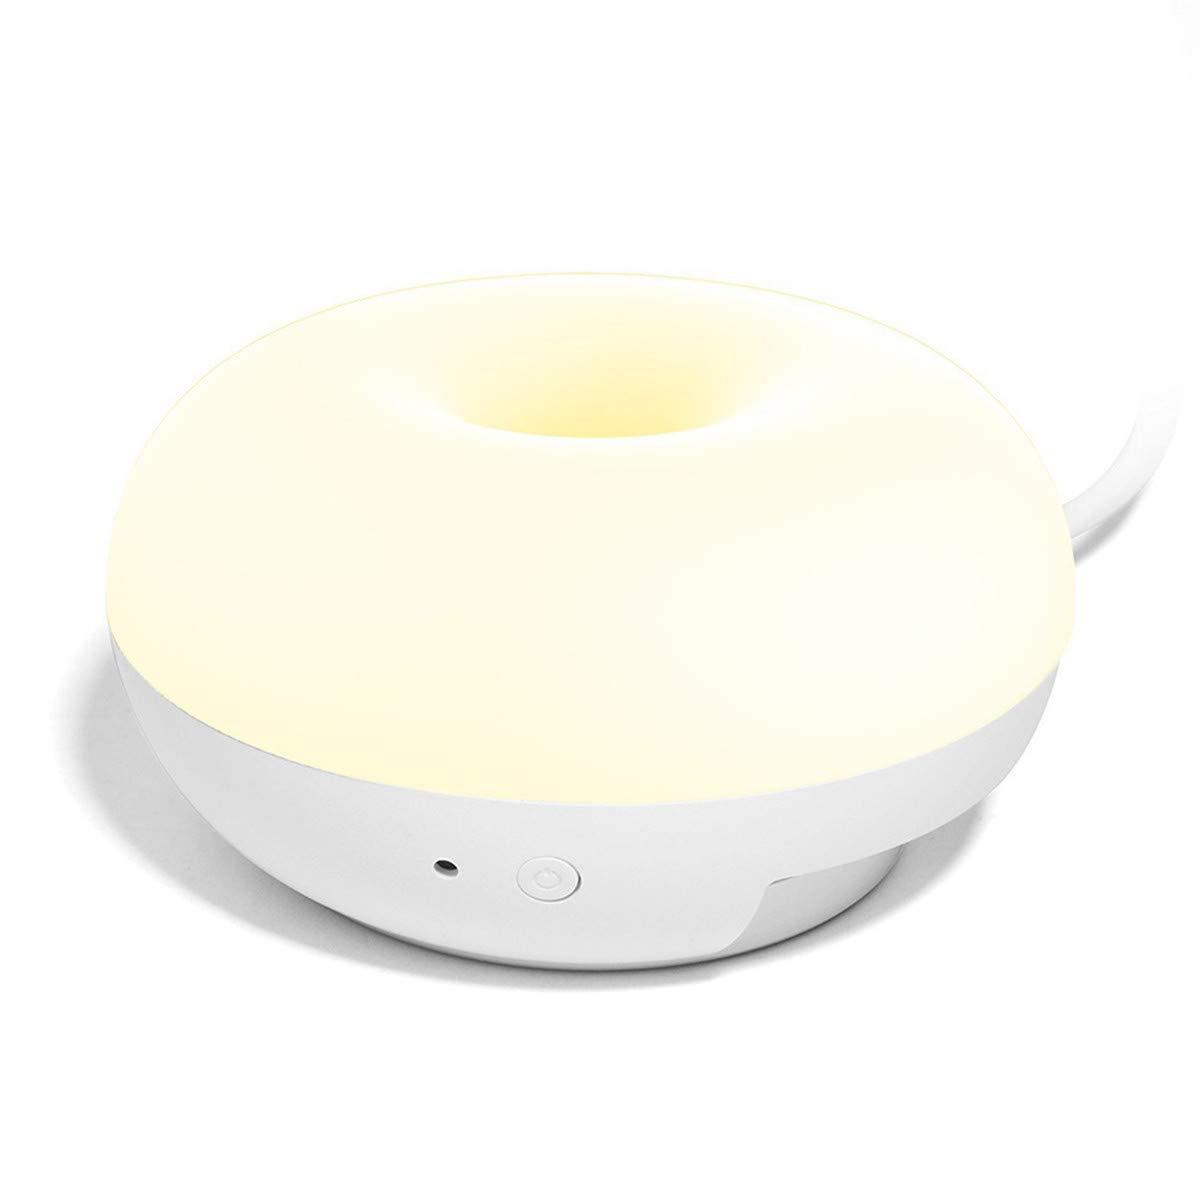 LED Nachtlicht Lampe Notlicht Sensor Licht Wand Leuchte Steckdose Baby Kinder BO